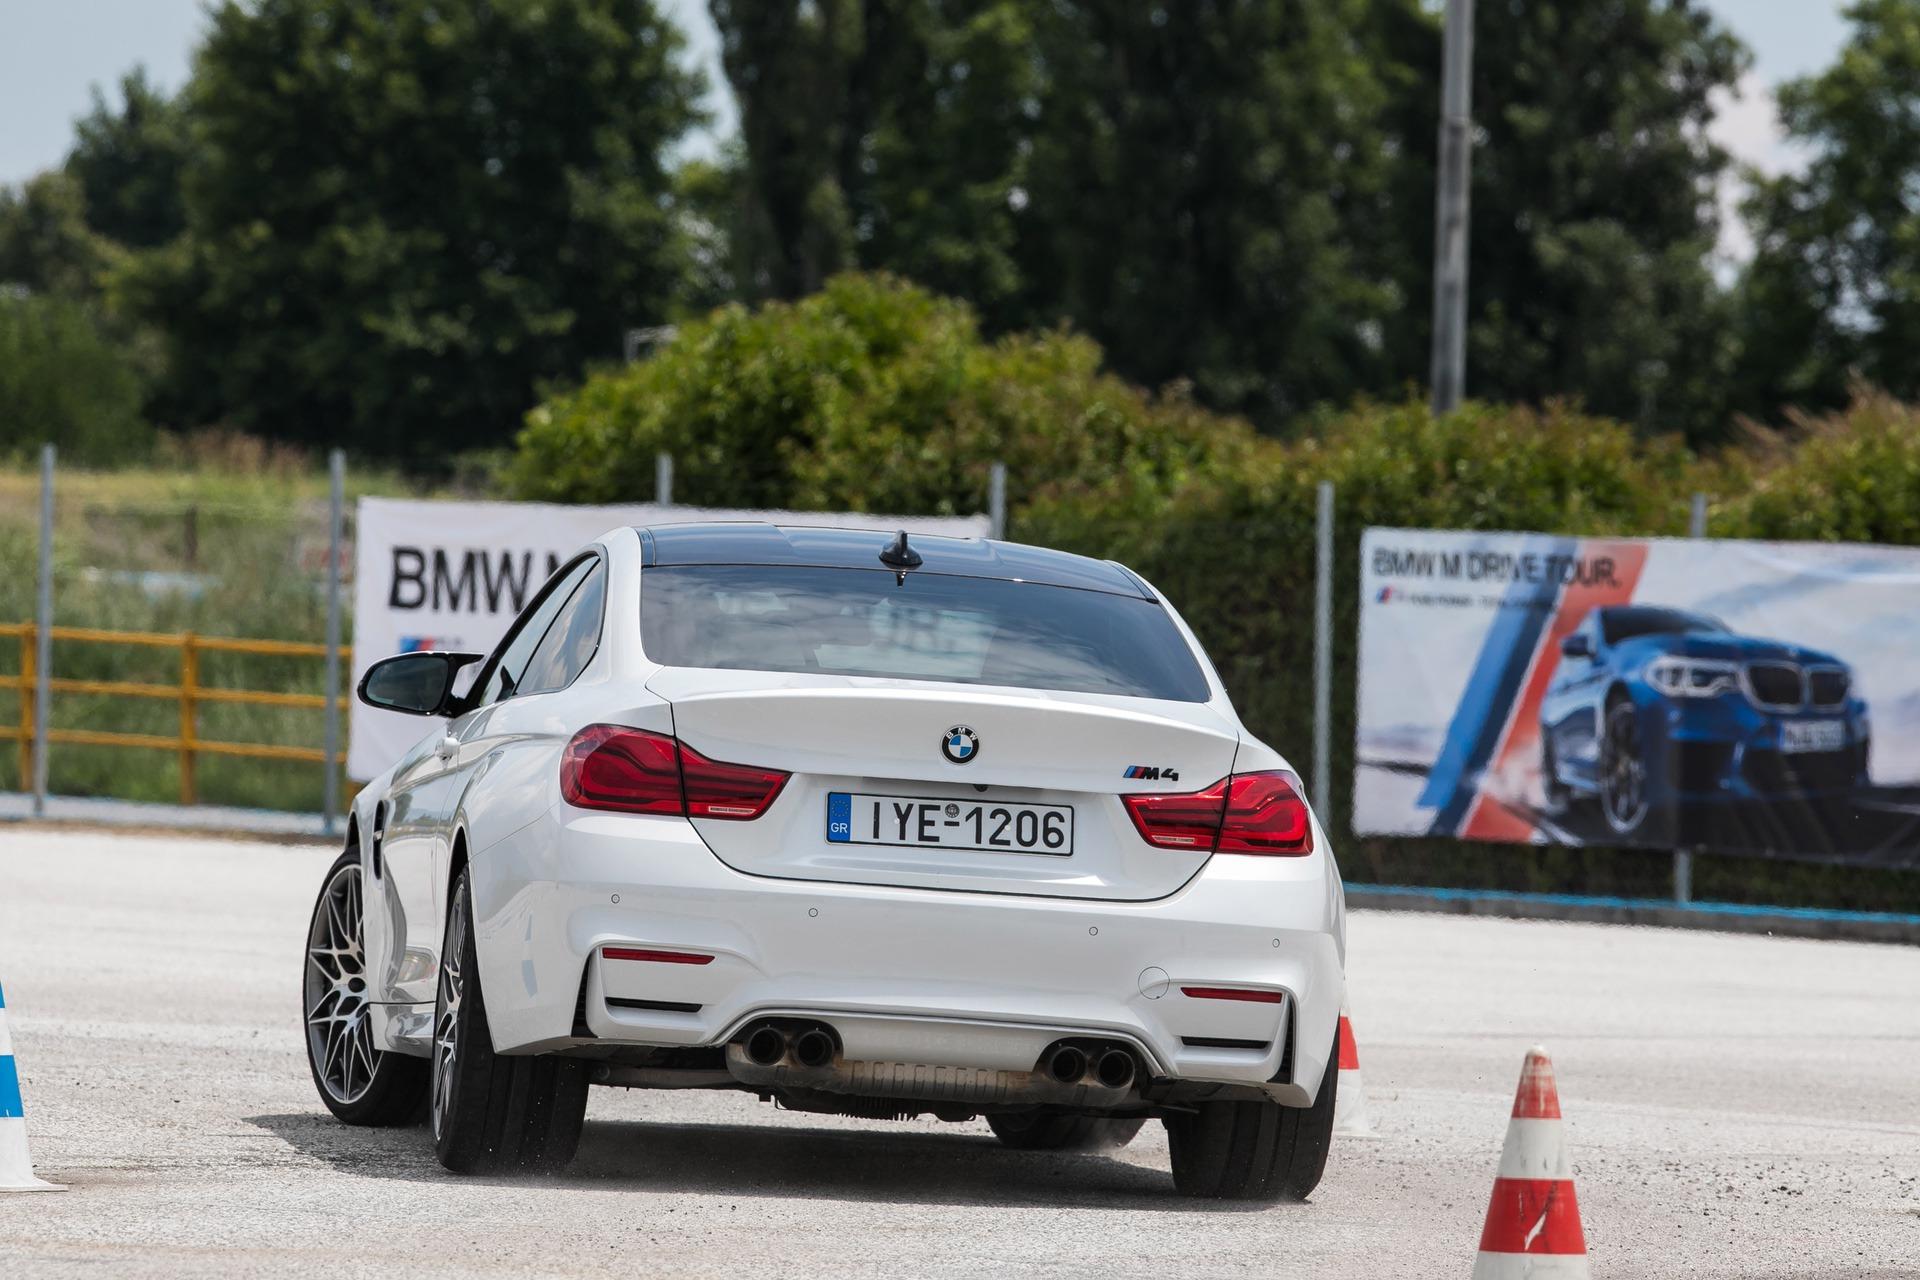 BMW_M_Drive_Tour_0189